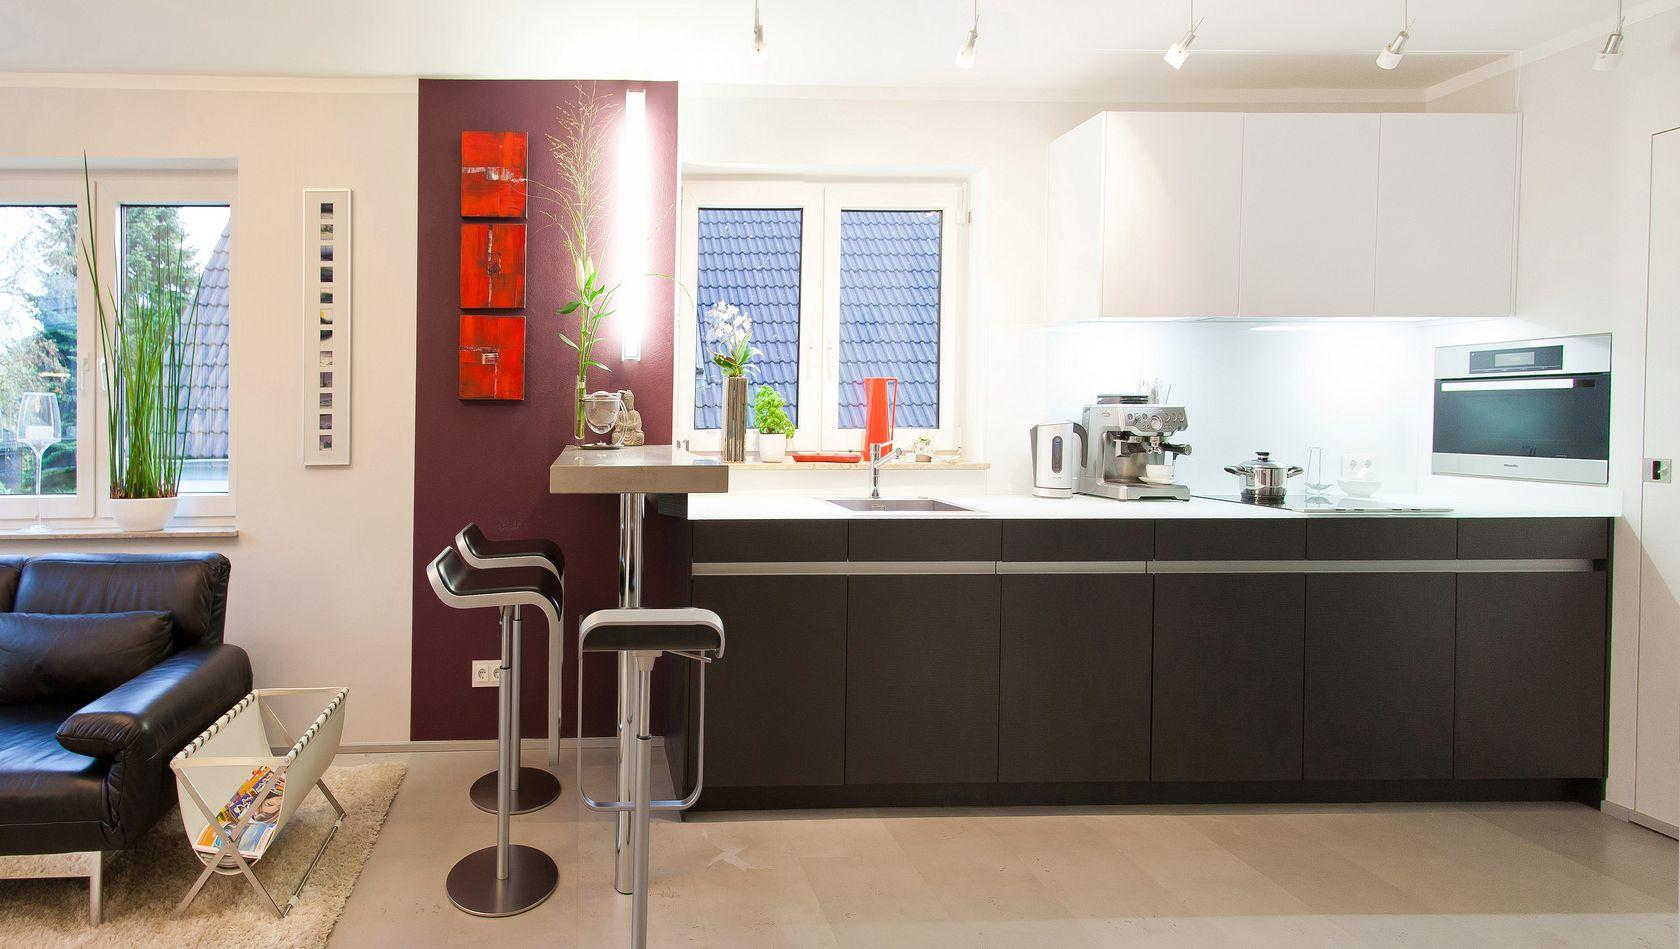 Moderne Leicht Küche mit Glas-Arbeitsplatte und Theke - Küchenhaus ...